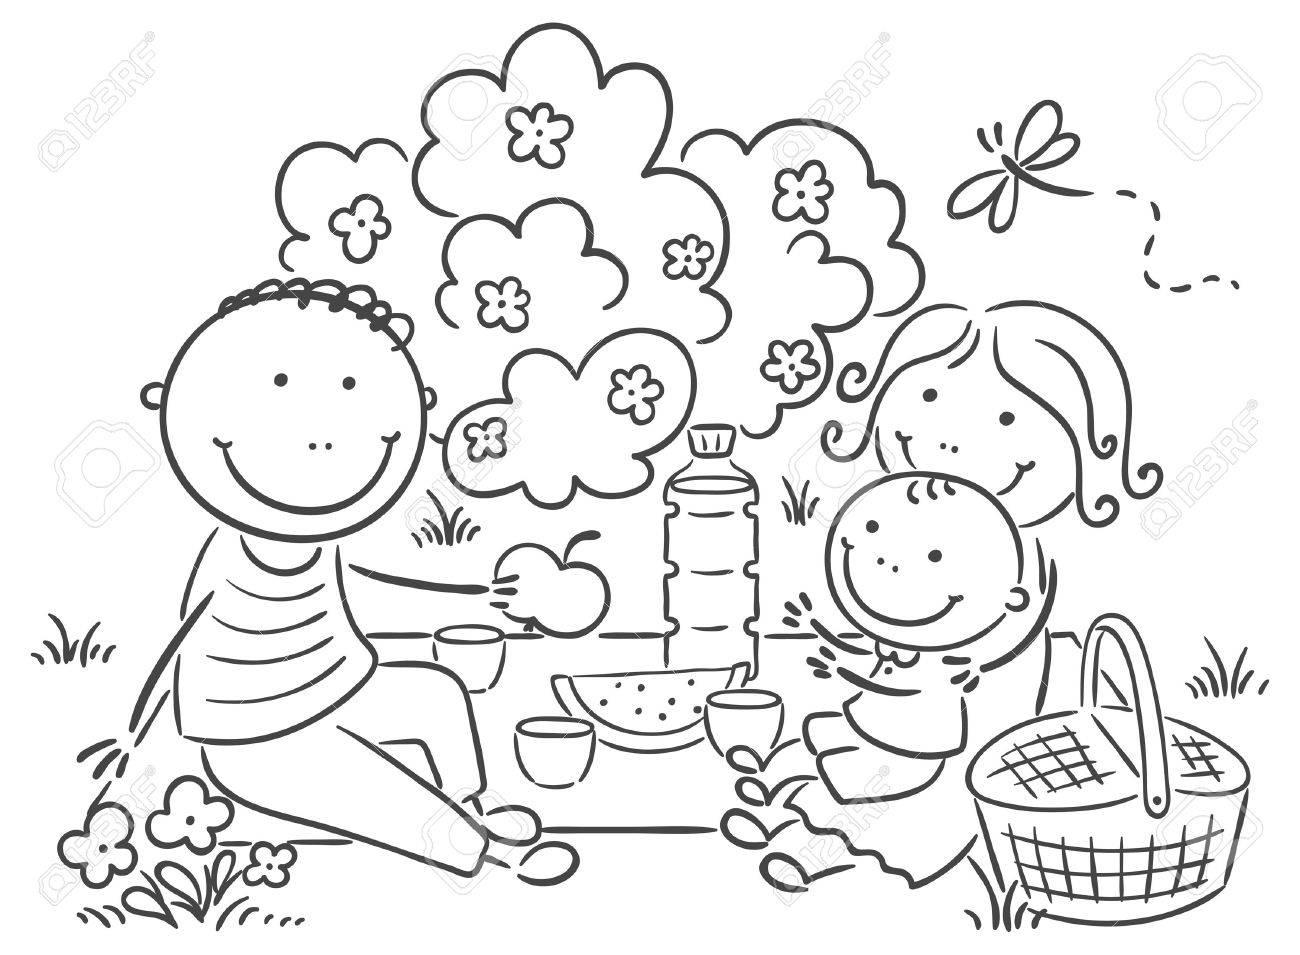 Cartoon Family Having Picnic Outdoors Royalty Free Cliparts Vectors